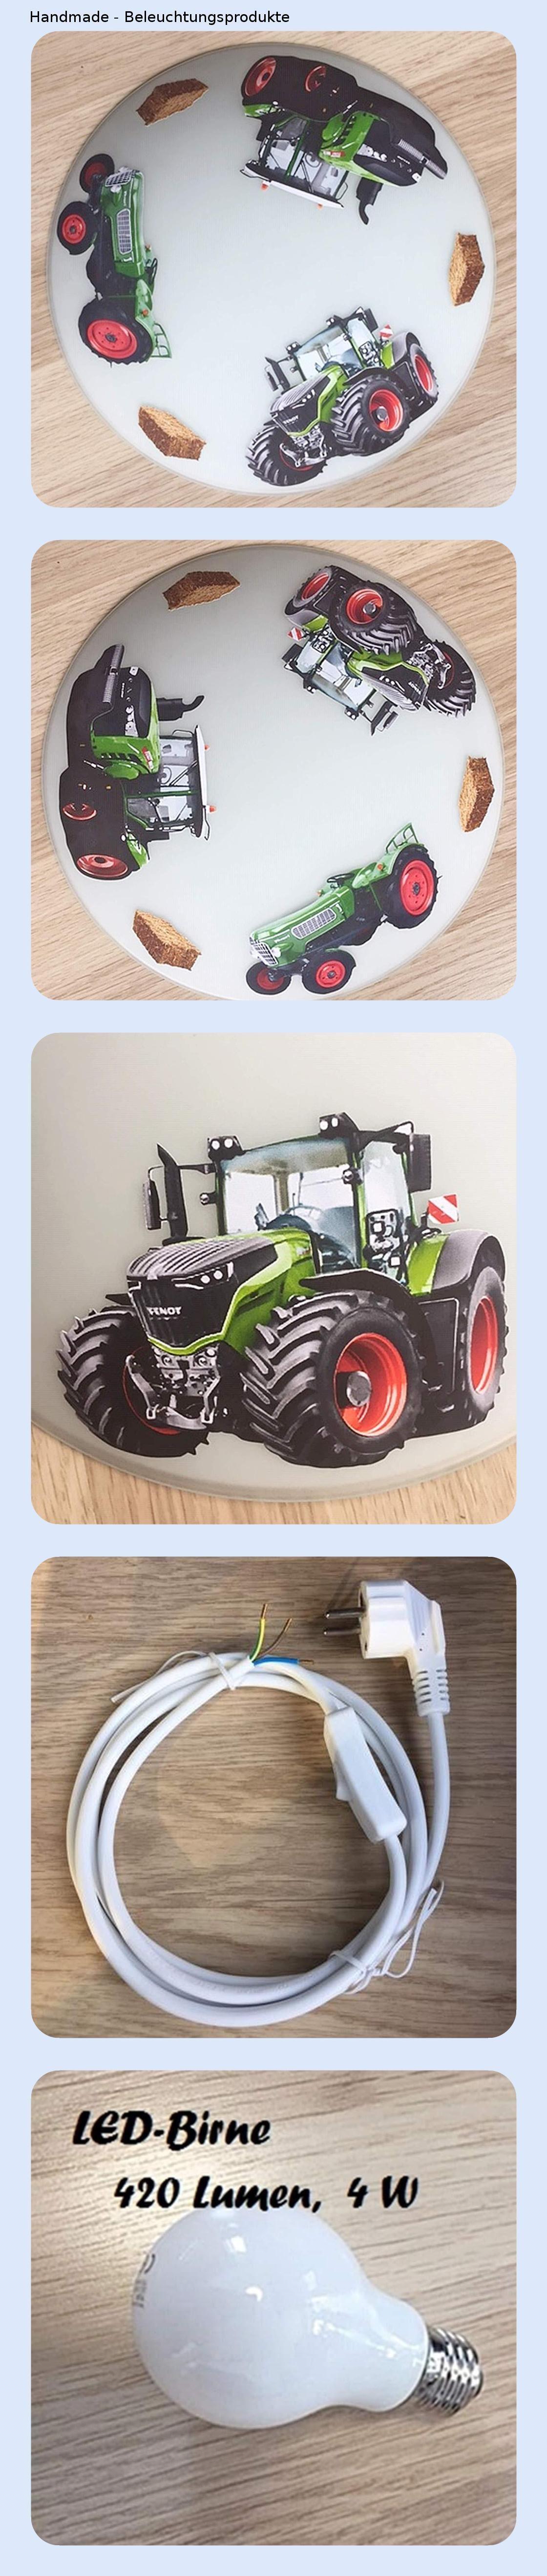 Deckenleuchte Wandlampe Traktor Trecker Auch Led Mit Ohne Name Wandlampe Deckchen Lampen